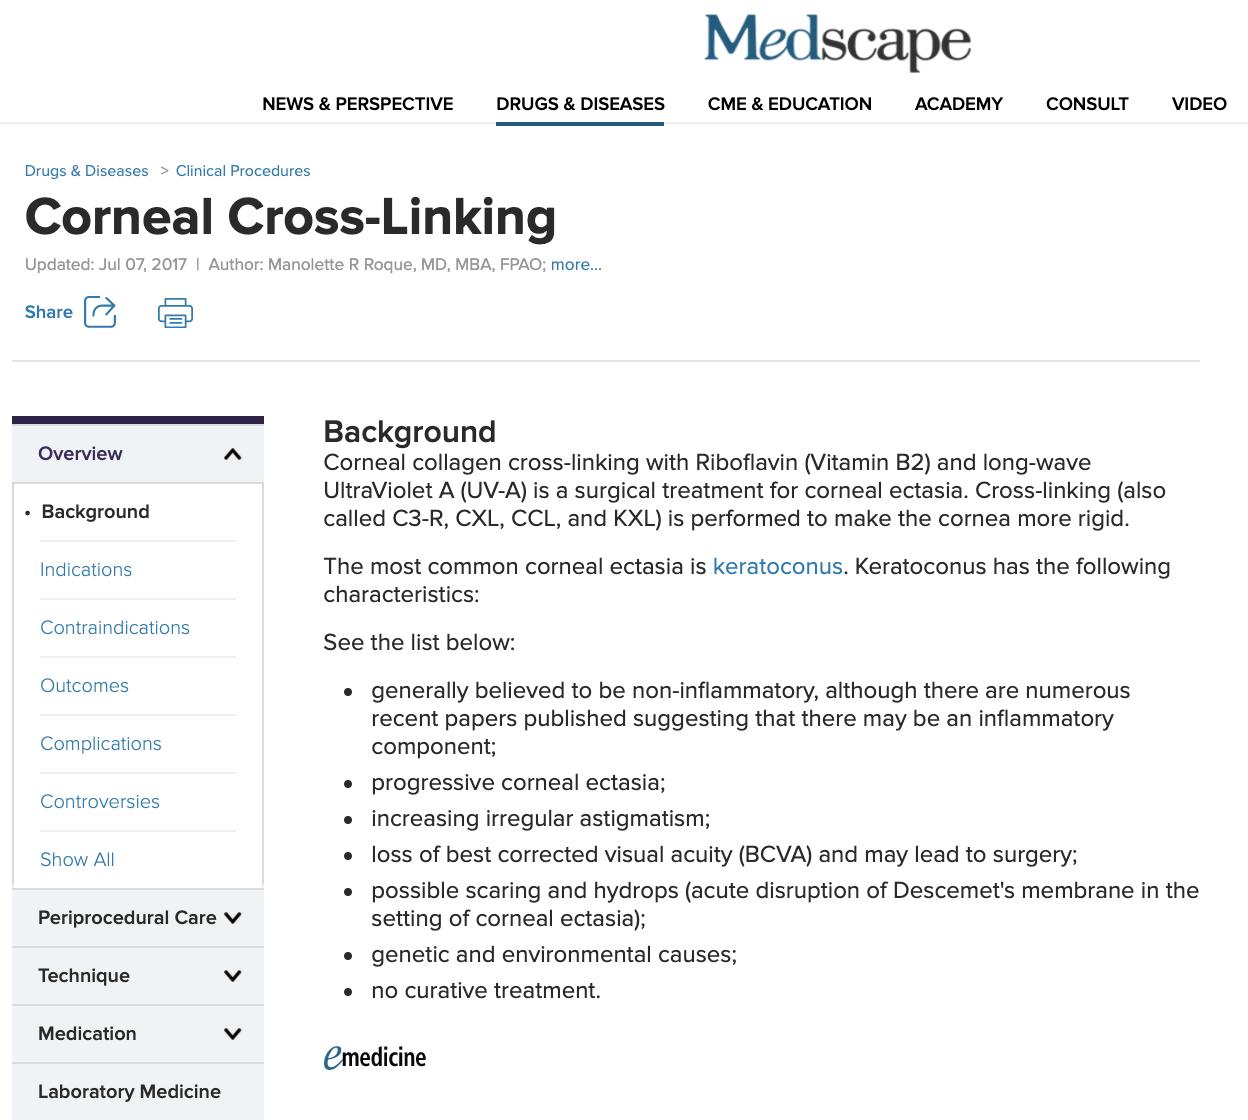 Medscape Corneal Cross-Linking